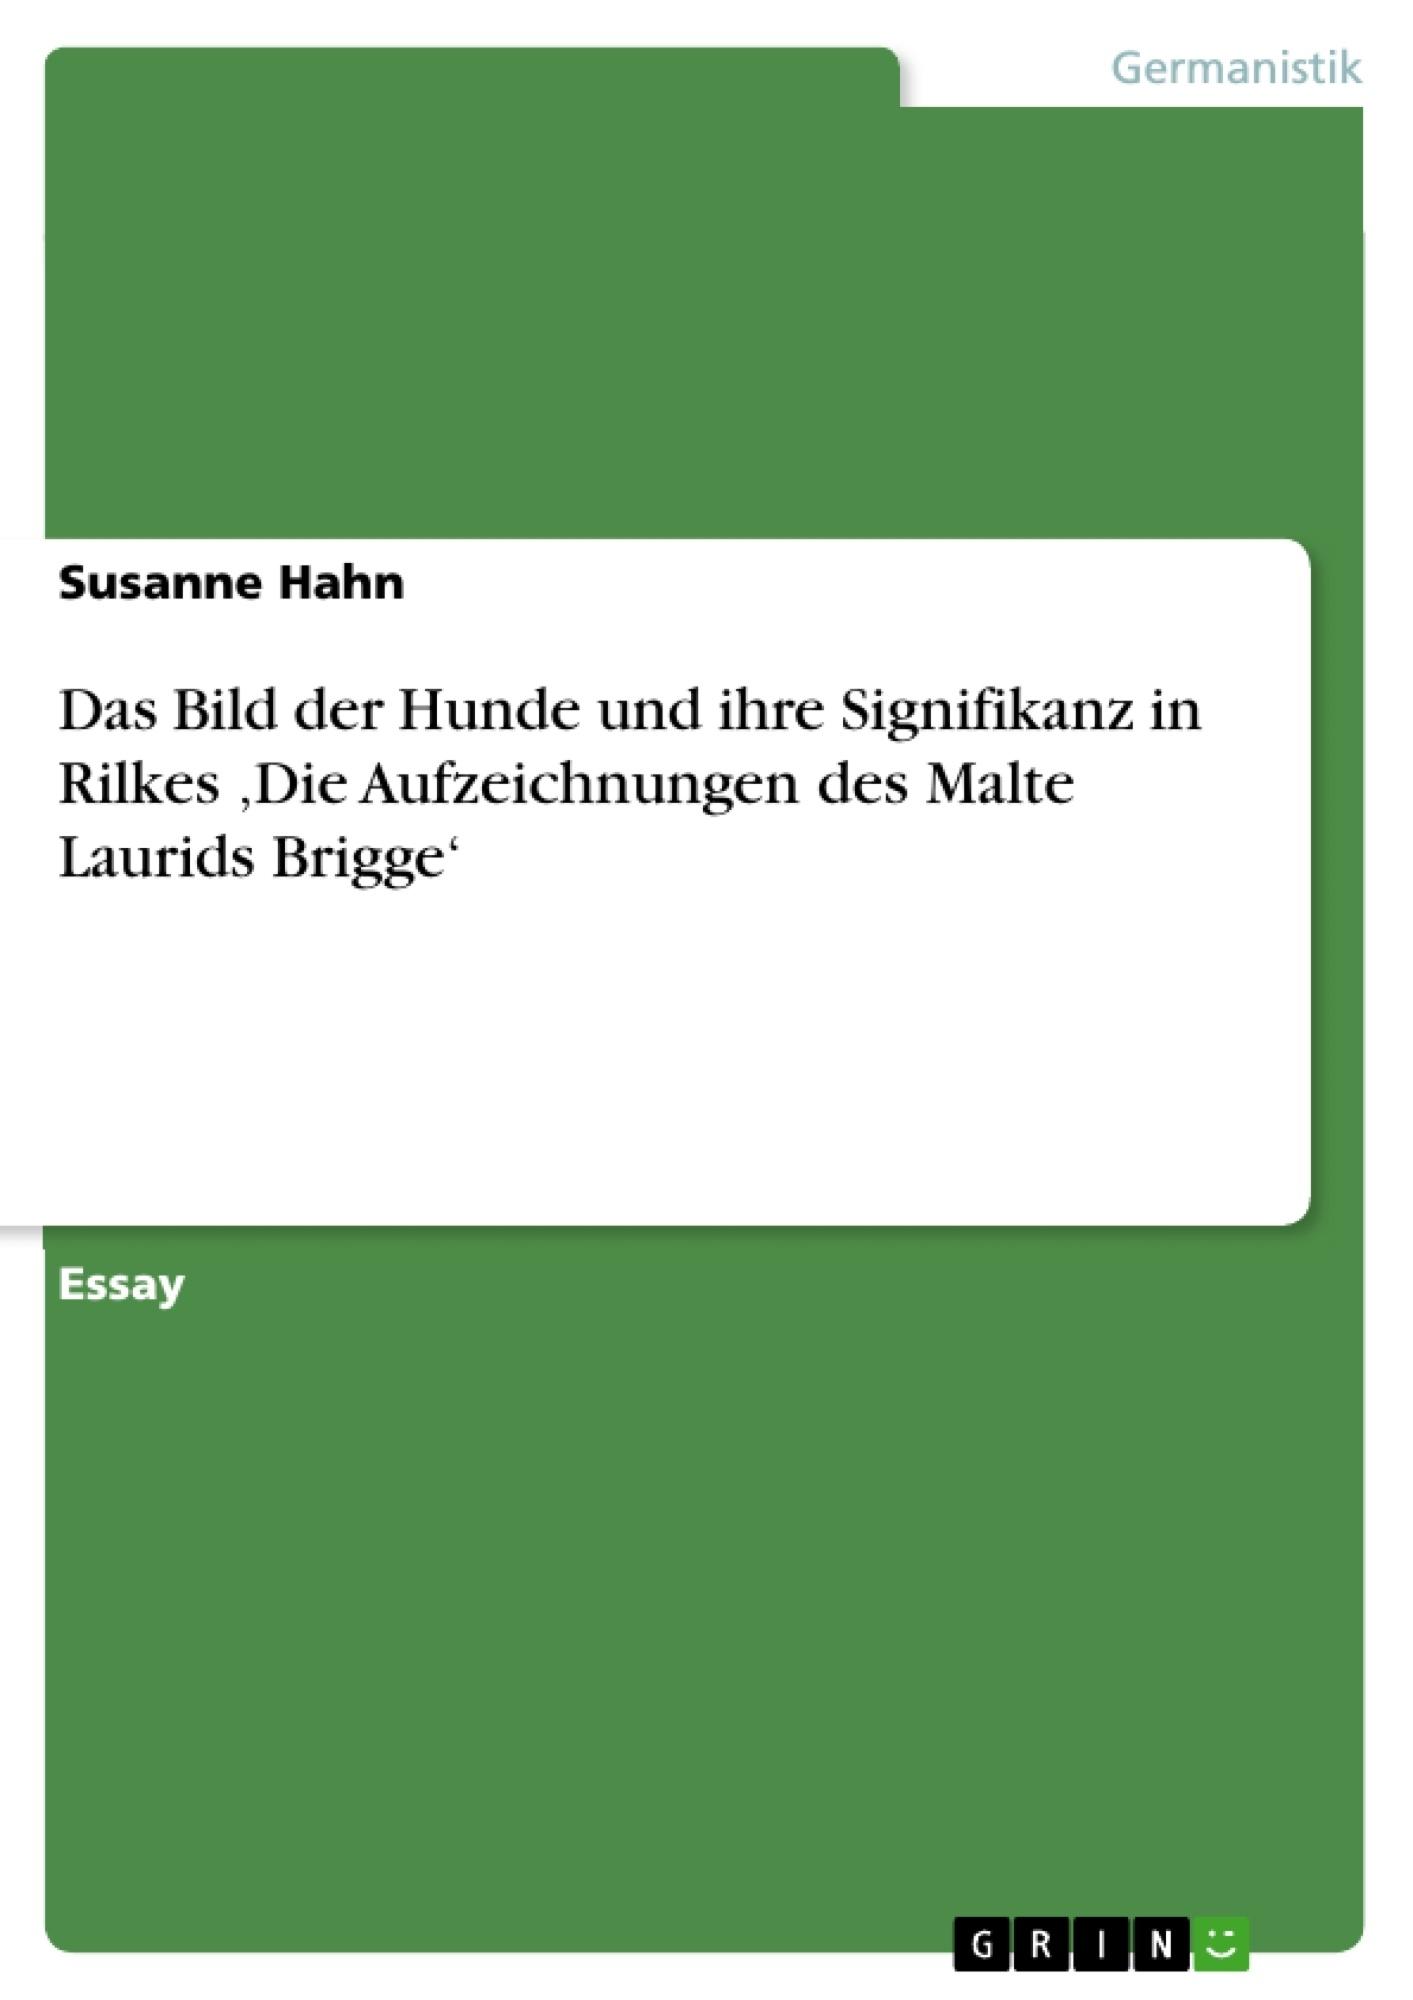 Titel: Das Bild der Hunde und ihre Signifikanz in Rilkes 'Die Aufzeichnungen des Malte Laurids Brigge'